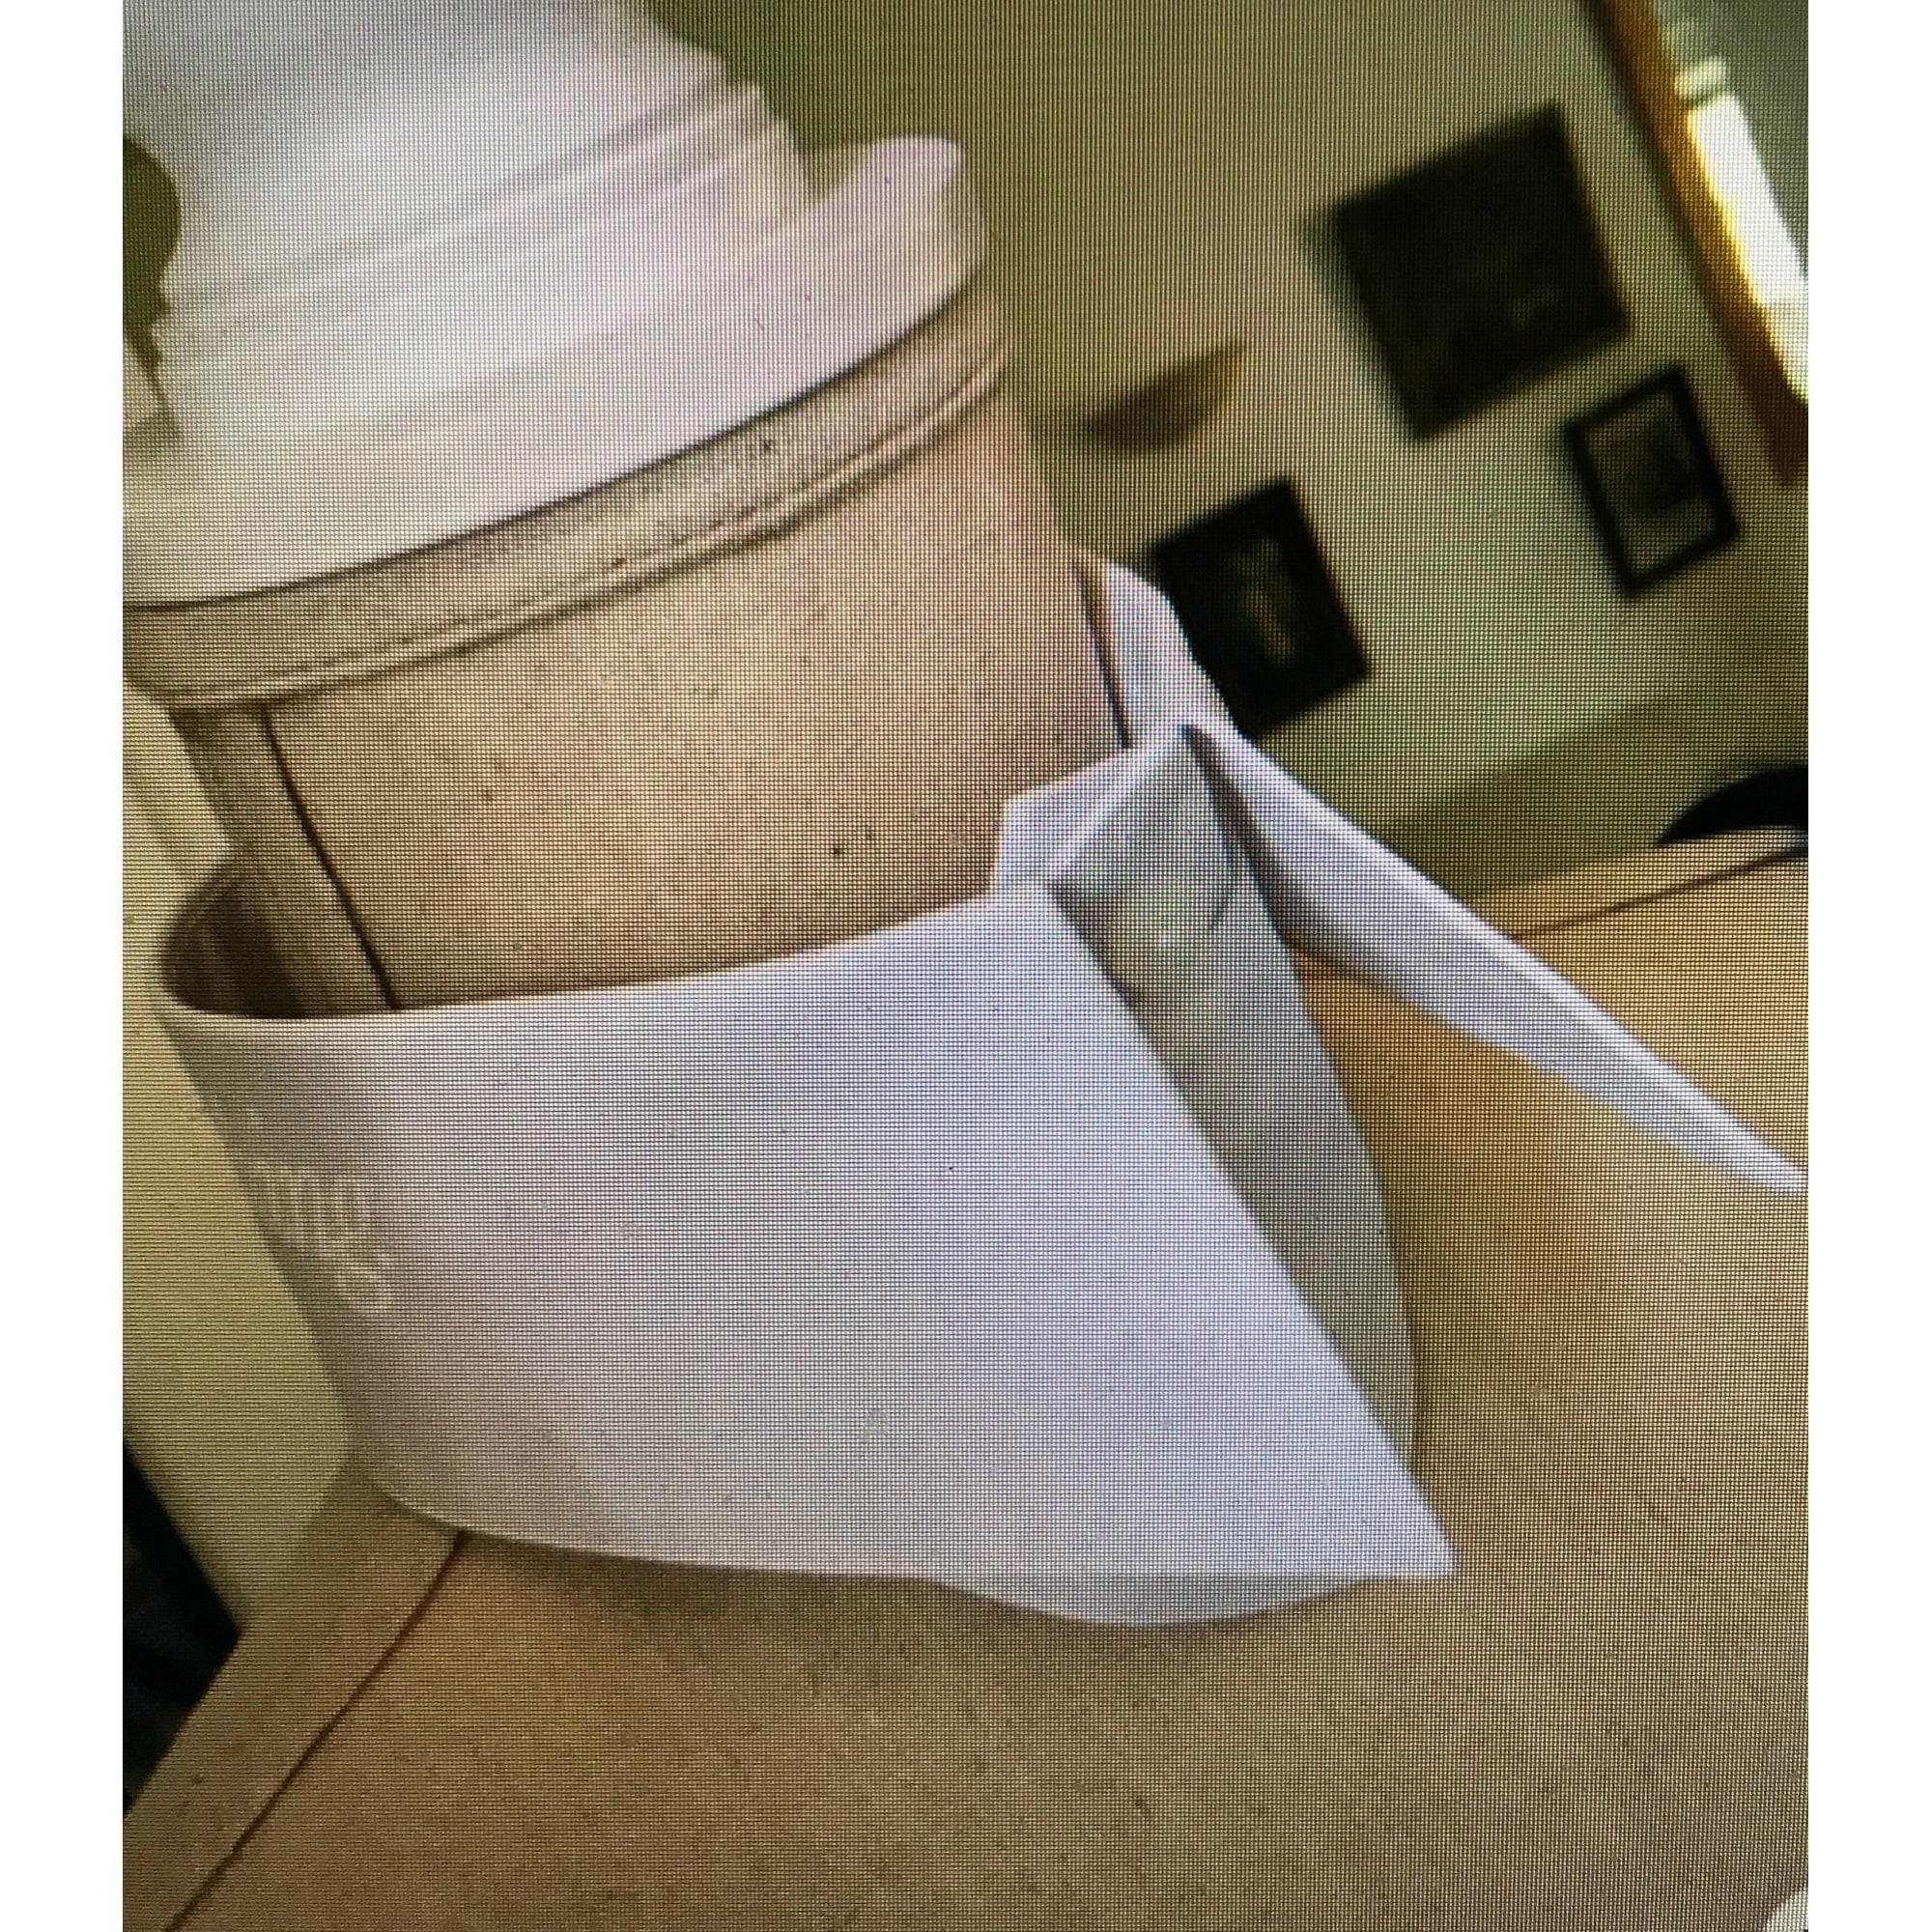 Krawatte KARL LAGERFELD Weiß, elfenbeinfarben